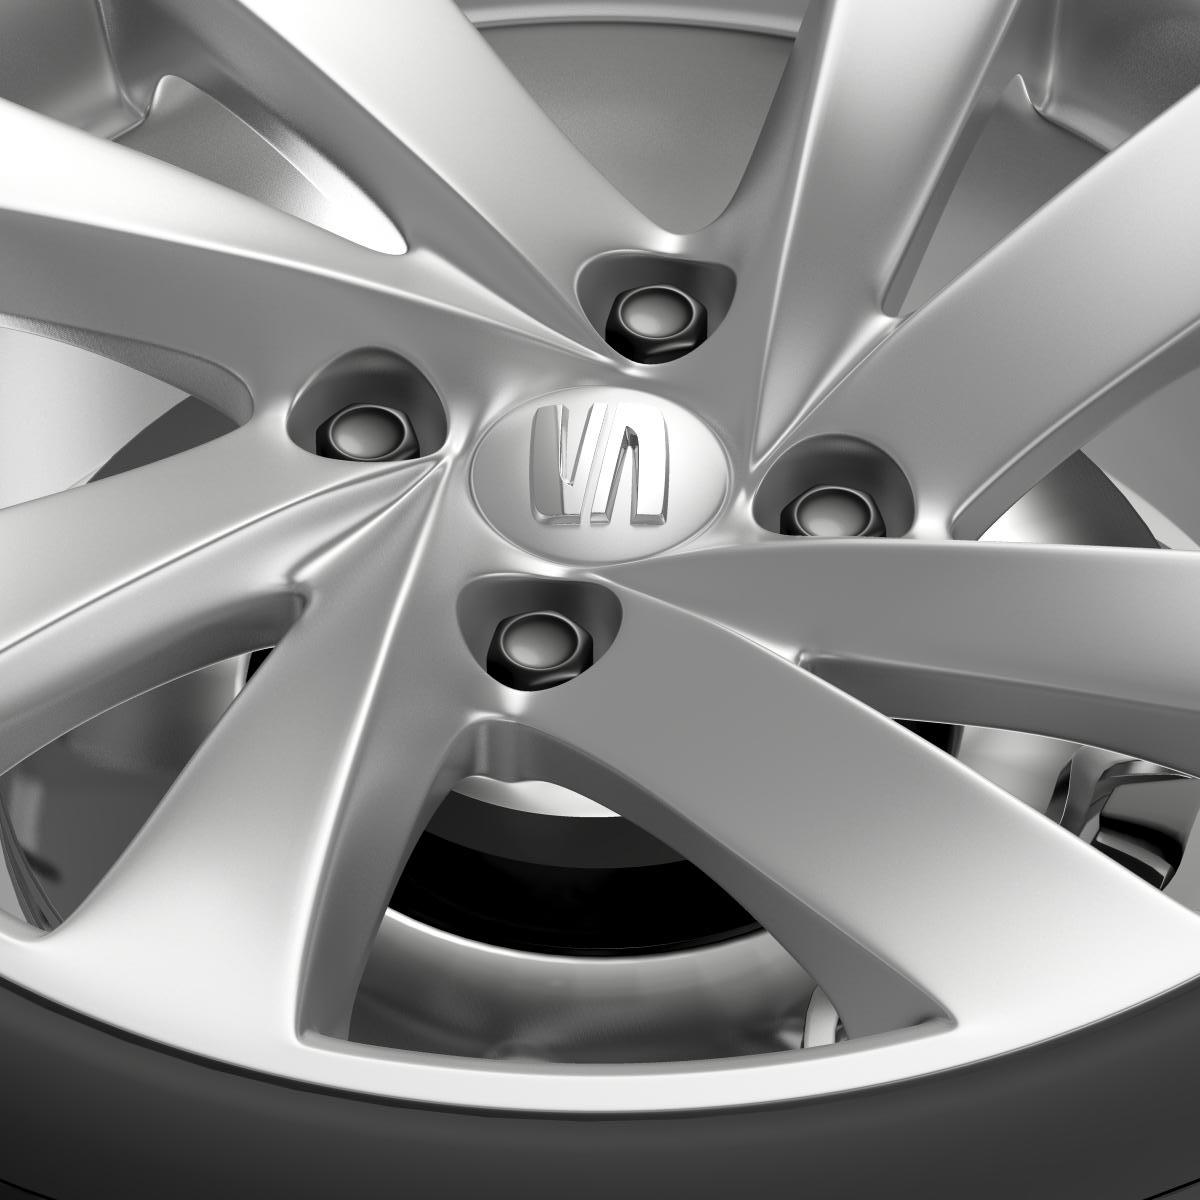 seat mii wheel 3d model 3ds max fbx c4d lwo ma mb hrc xsi obj 210859